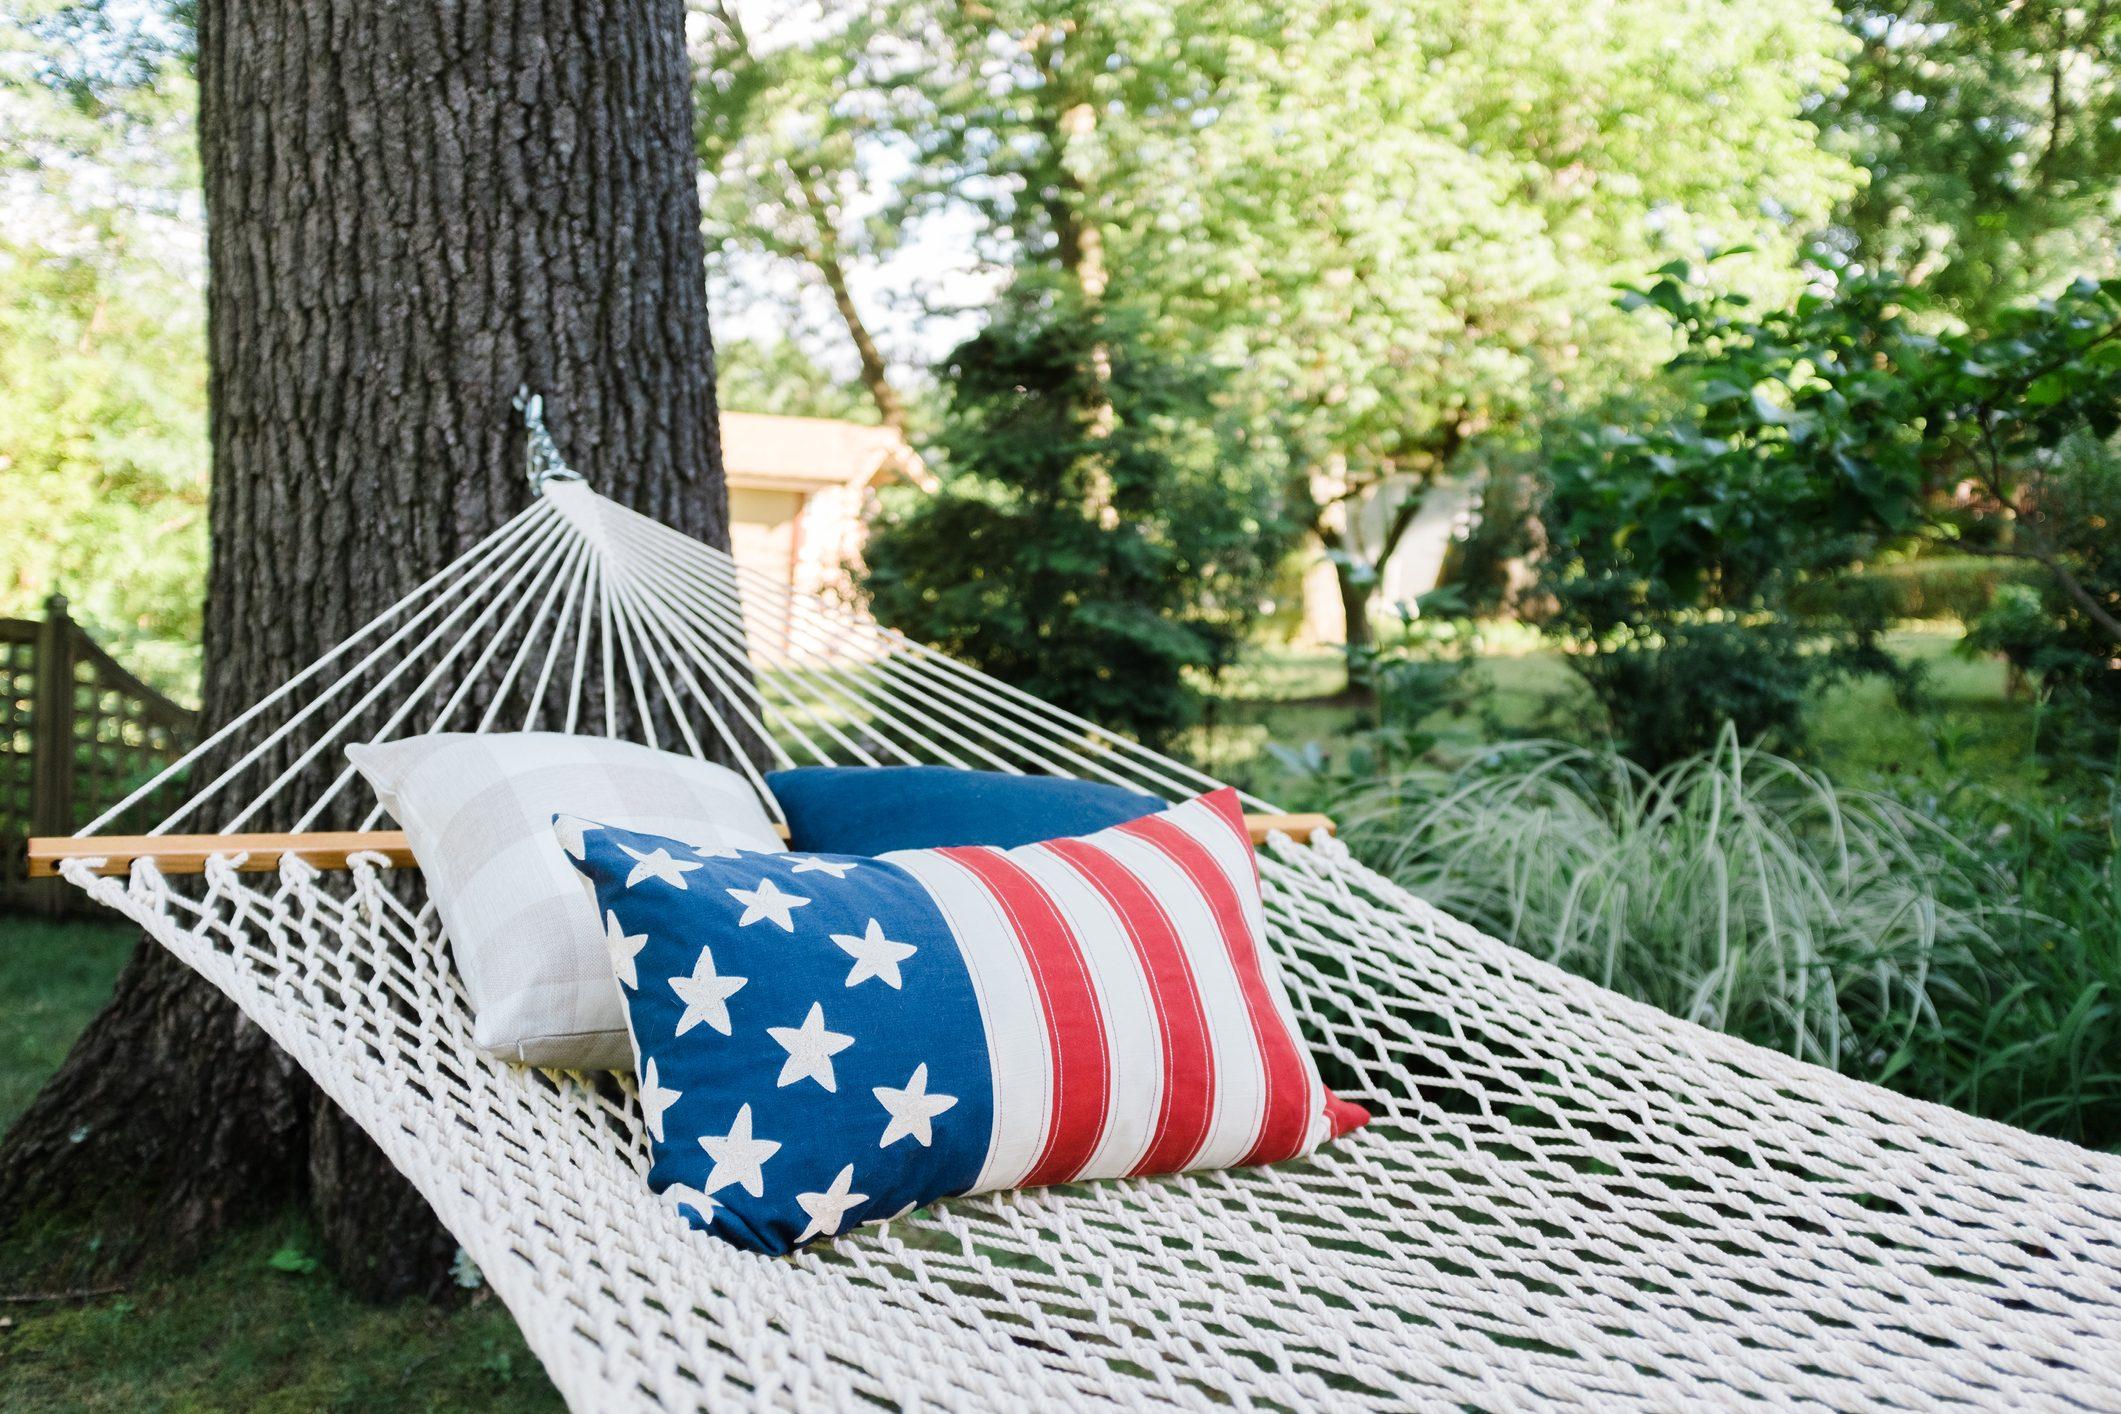 Patriotic hammock